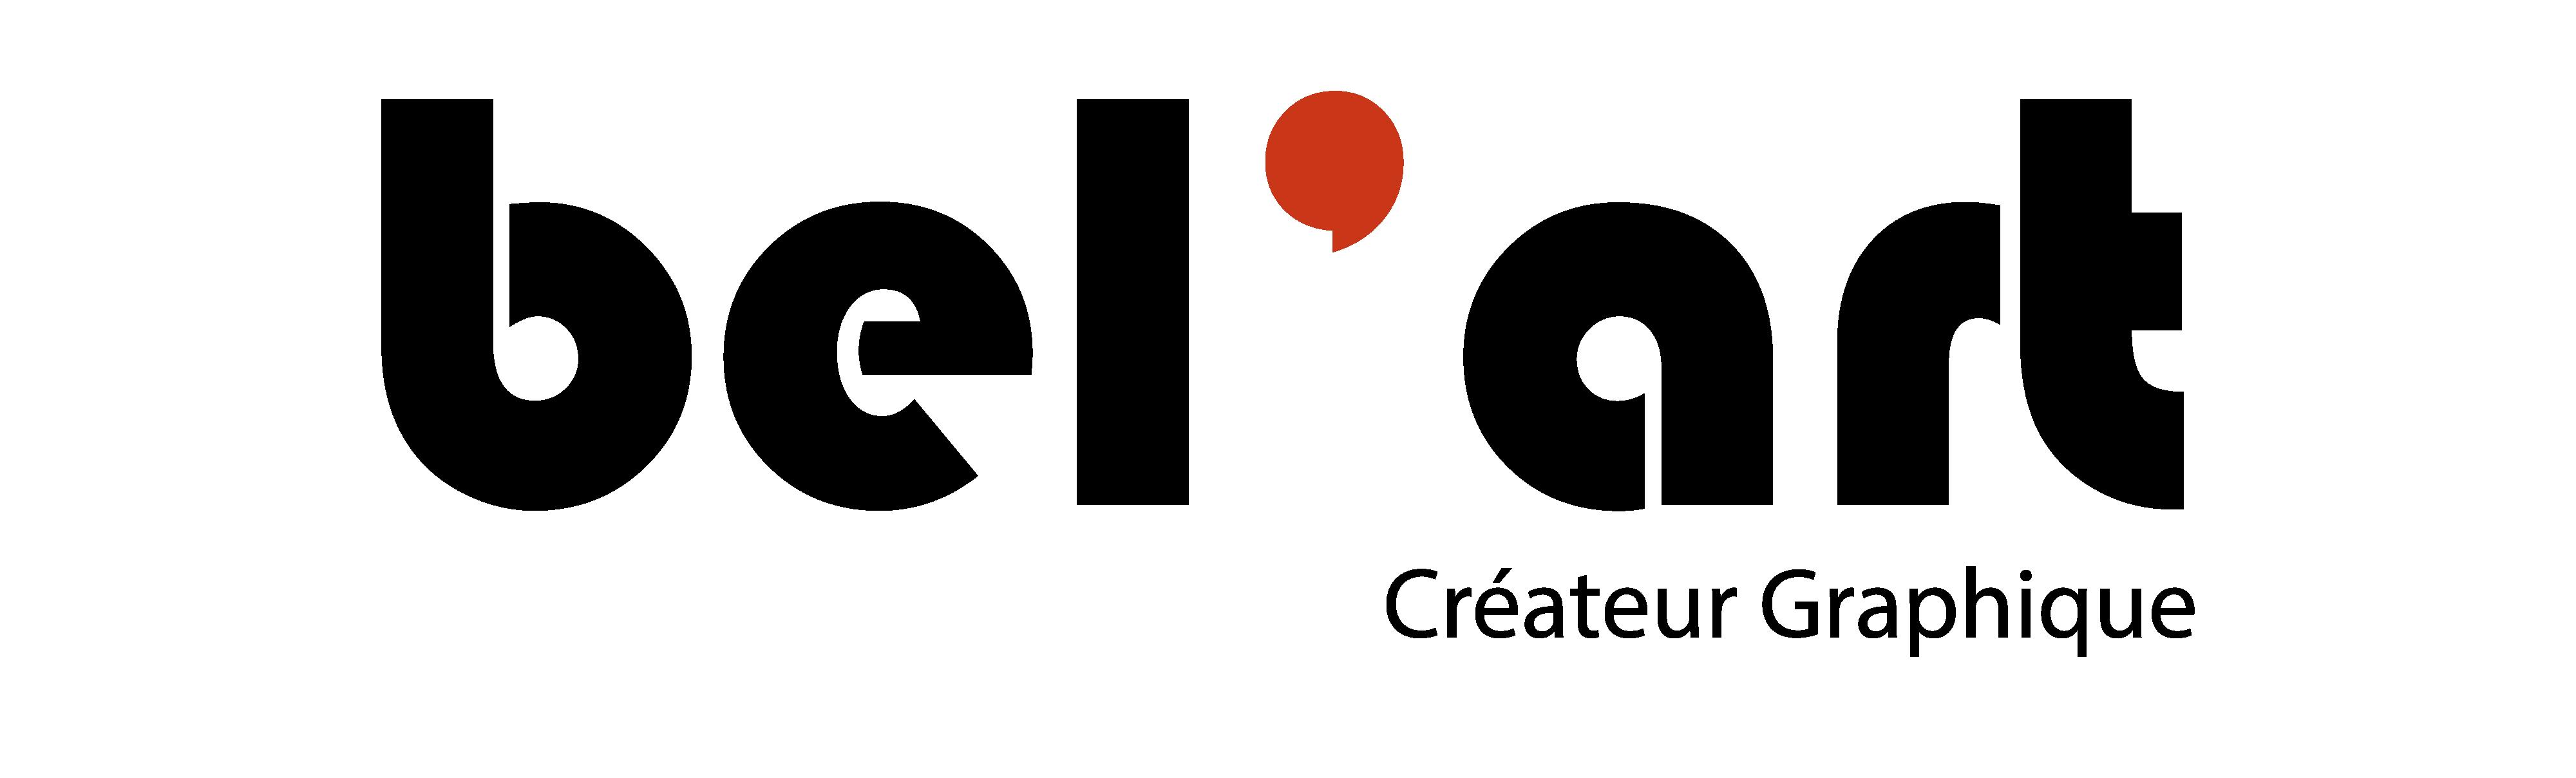 logo-entreprises-small3